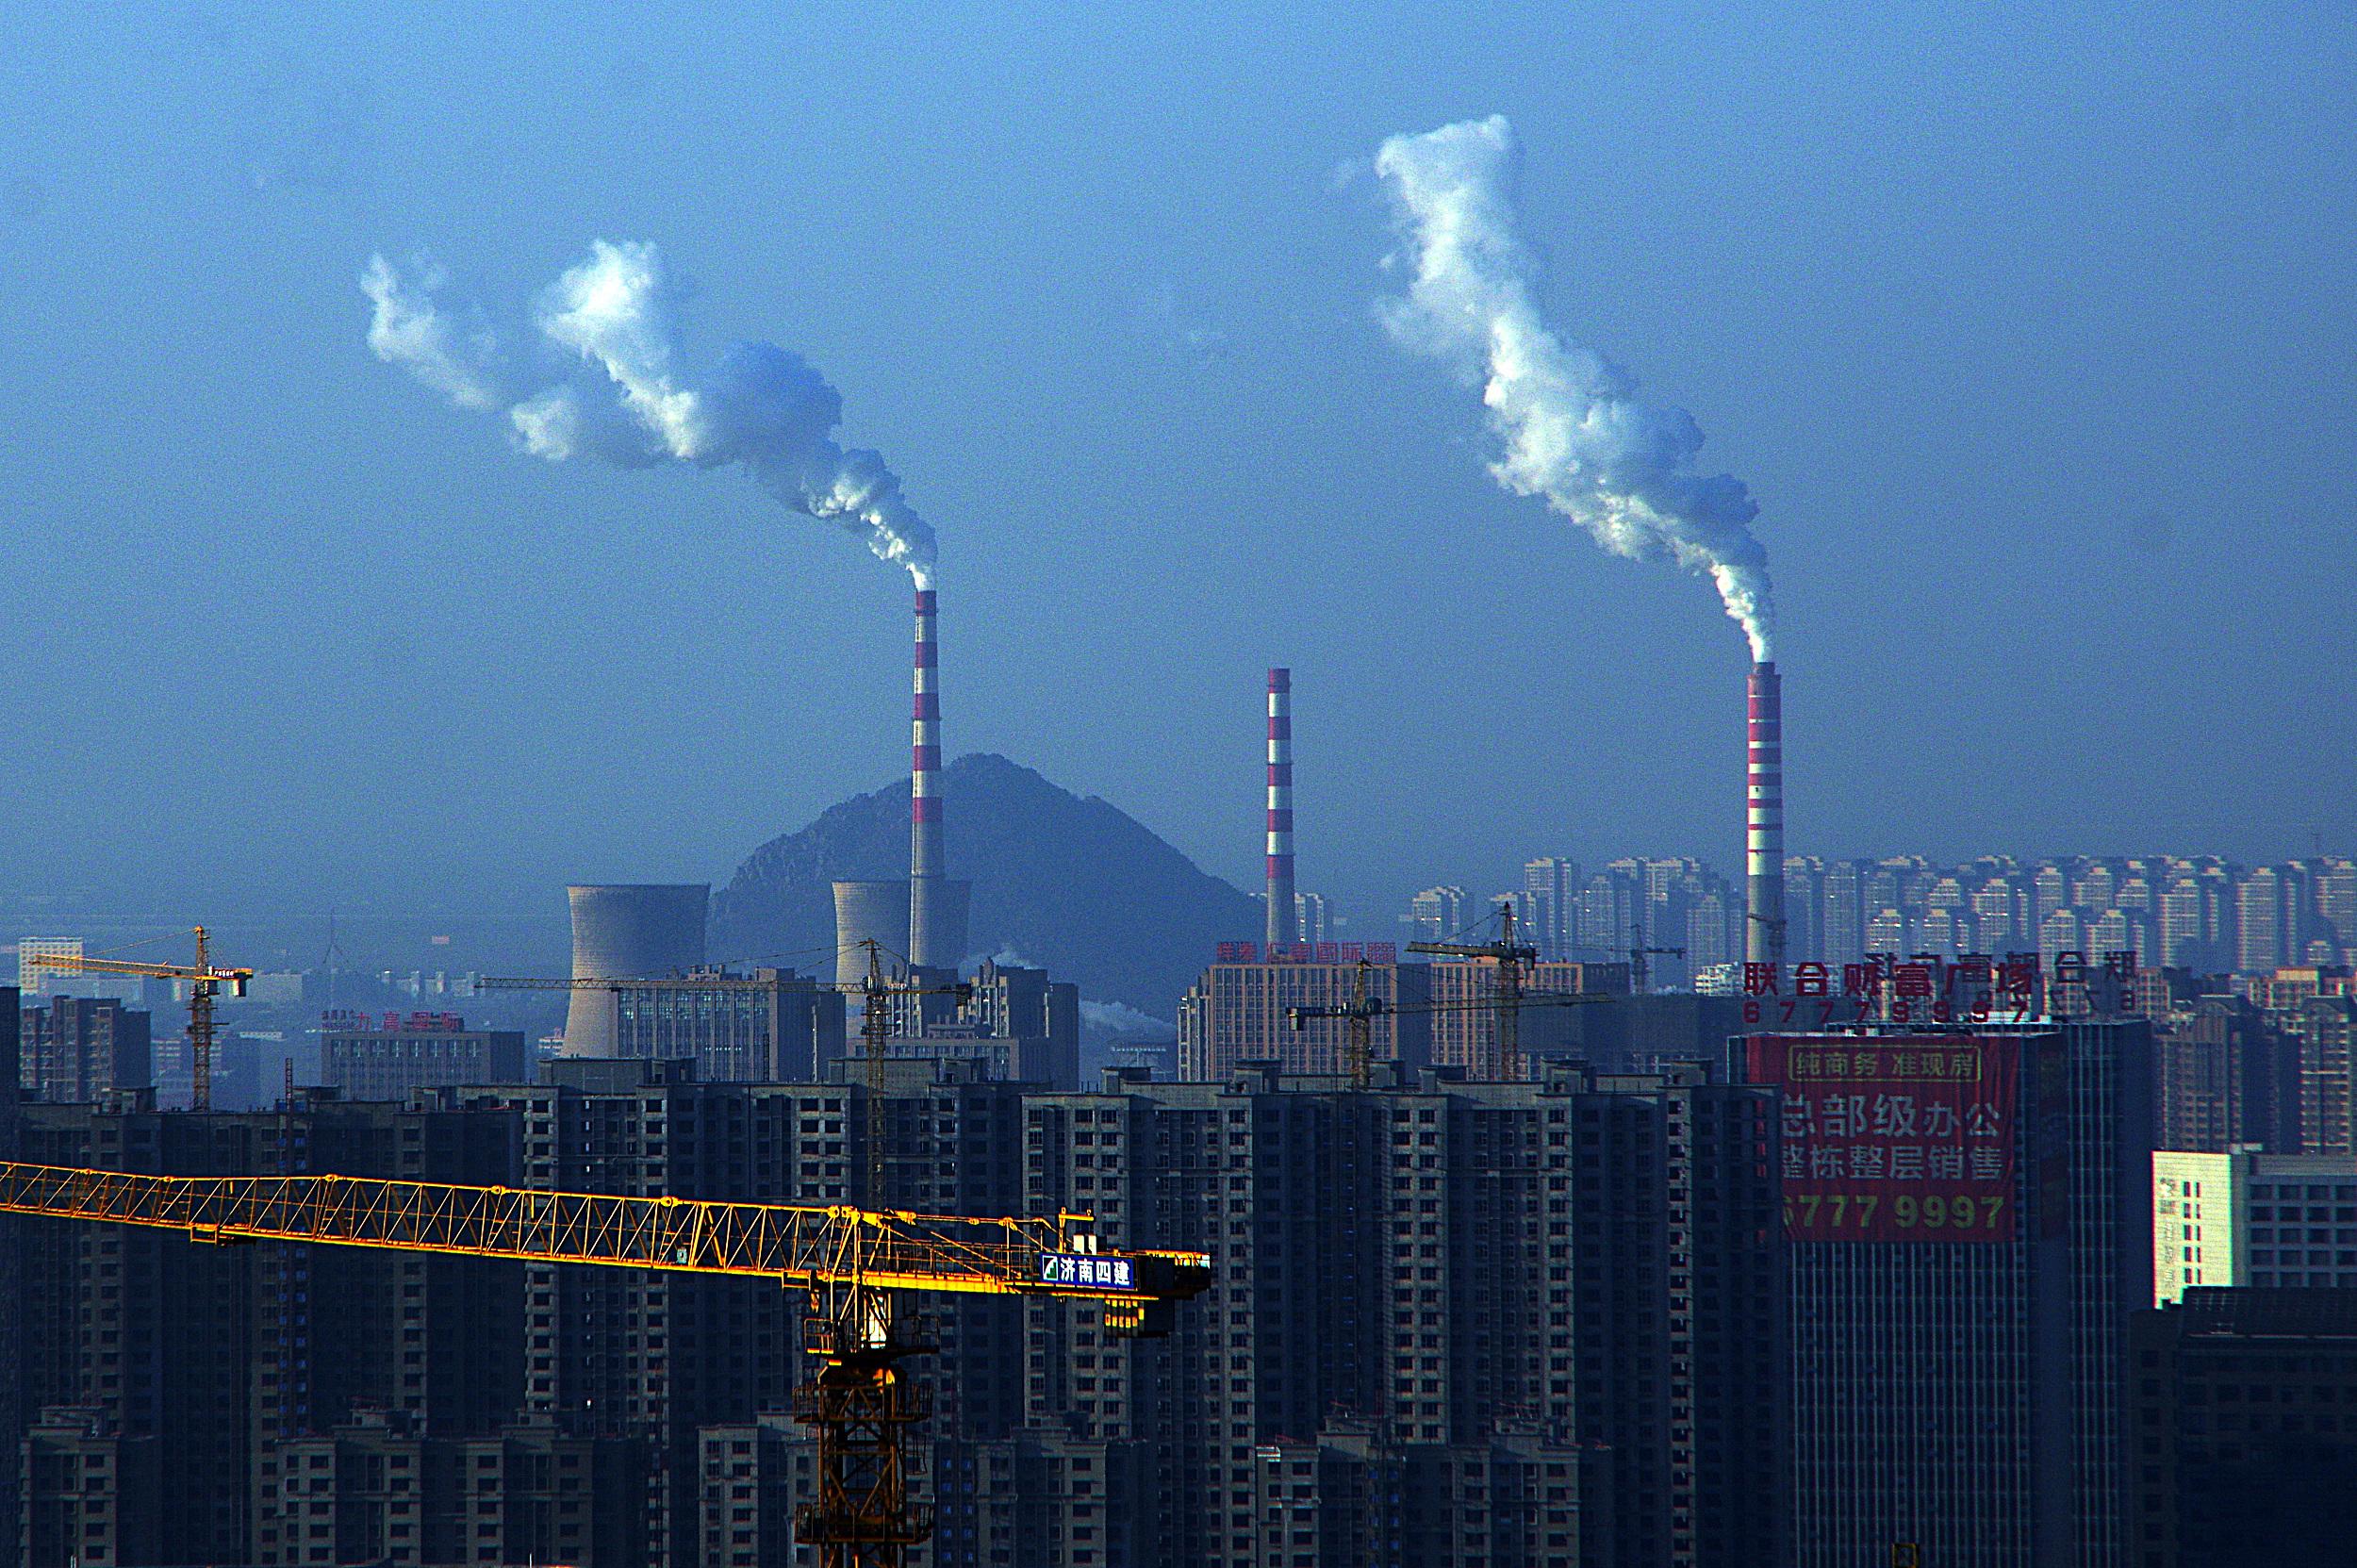 碳交易 全国碳市场何时启动交易?碳价如何形成?生态环境部这样说